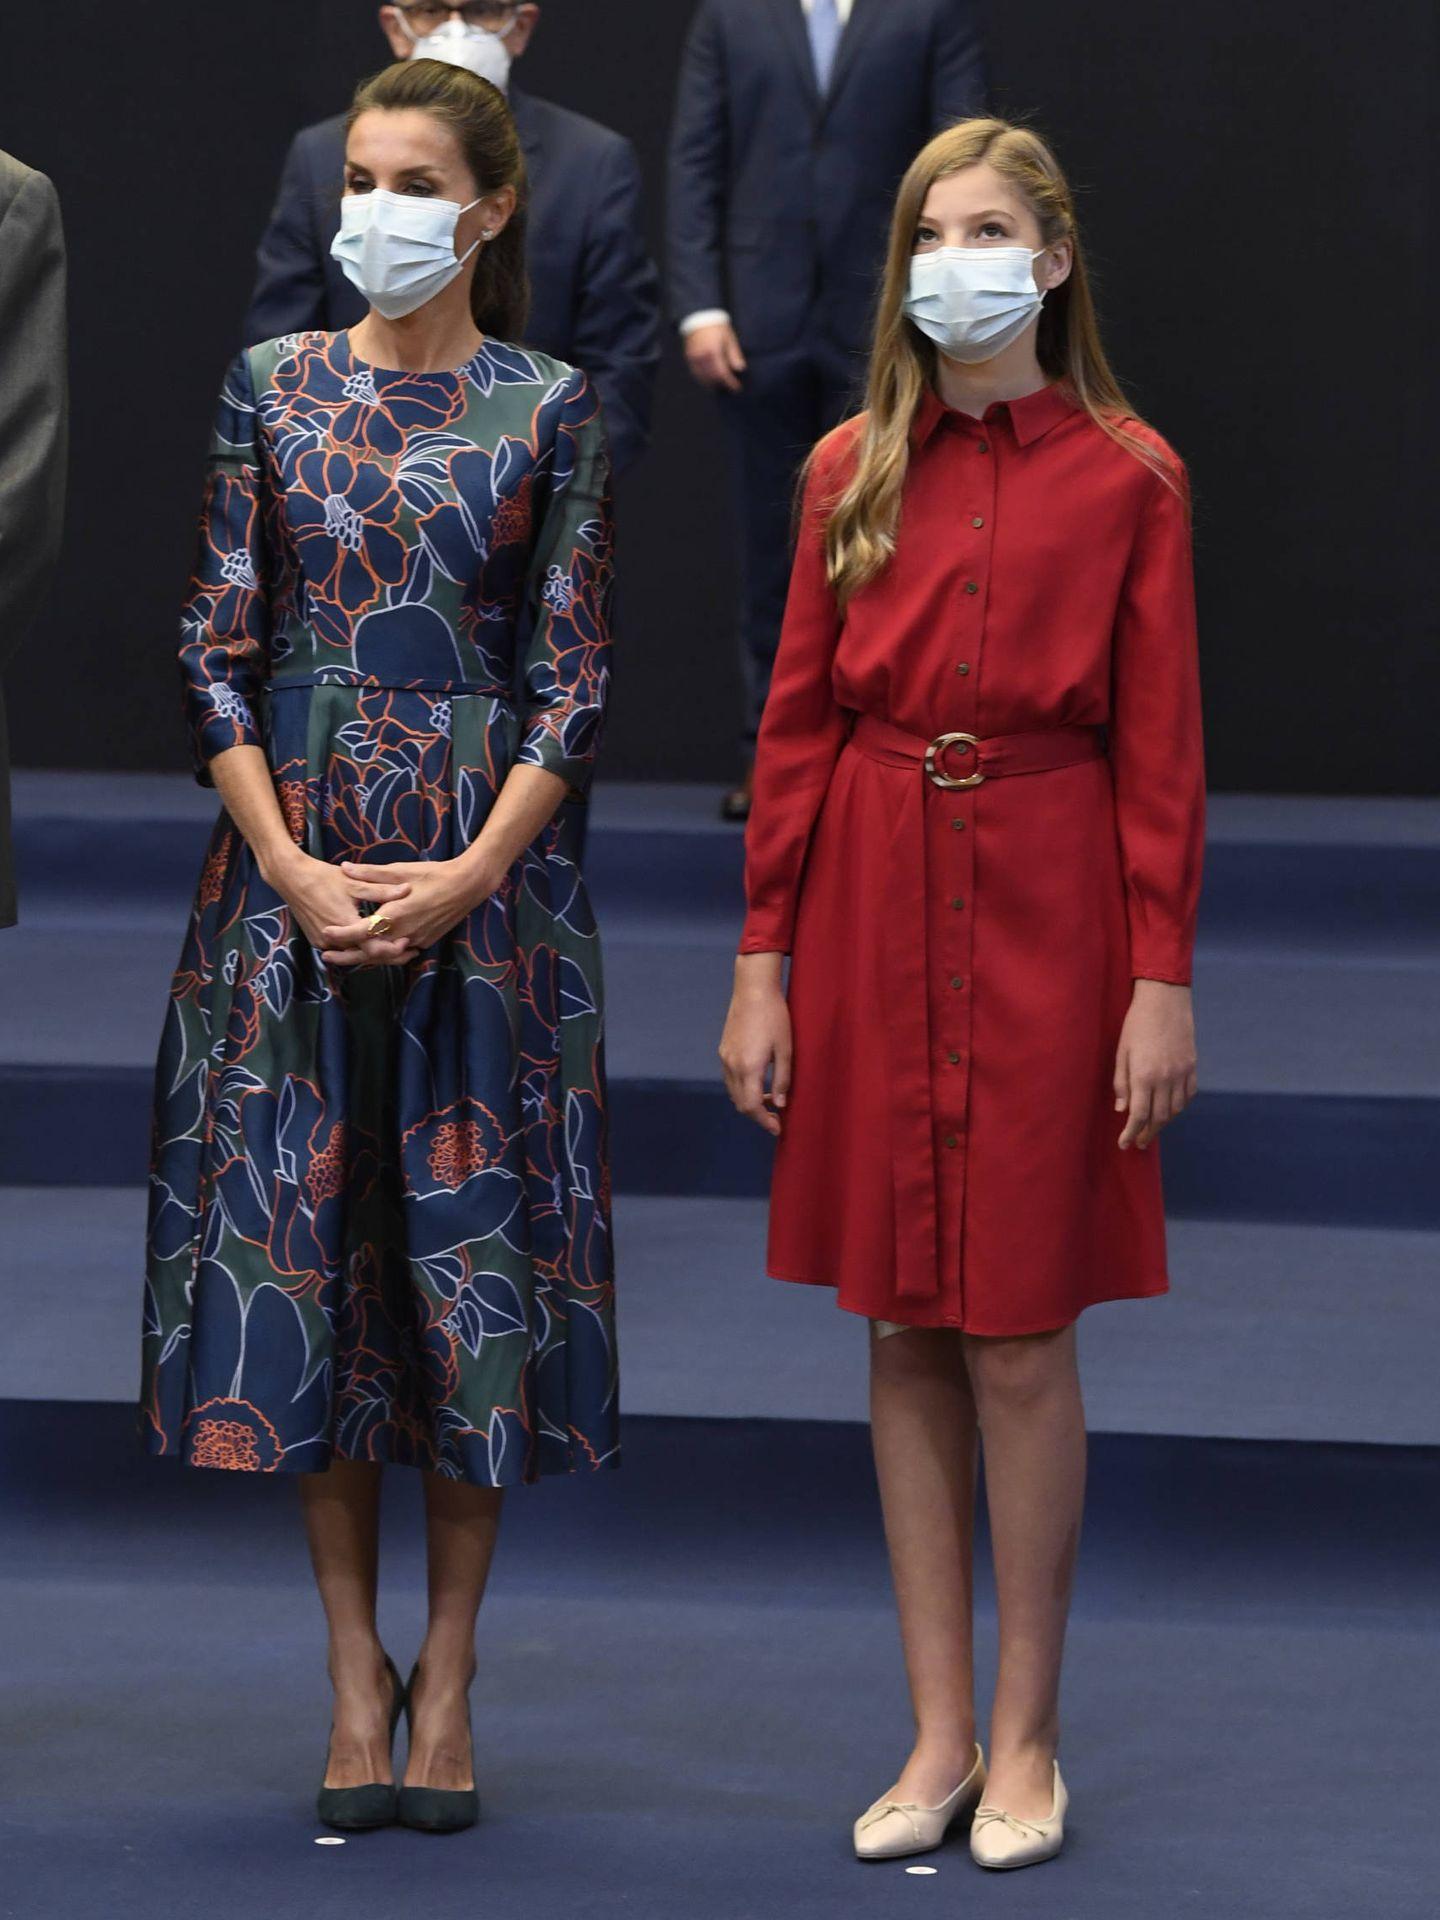 La reina Letizia y la infanta Sofía, en los Premios Princesa de Asturias 2020. (Limited Pictures)